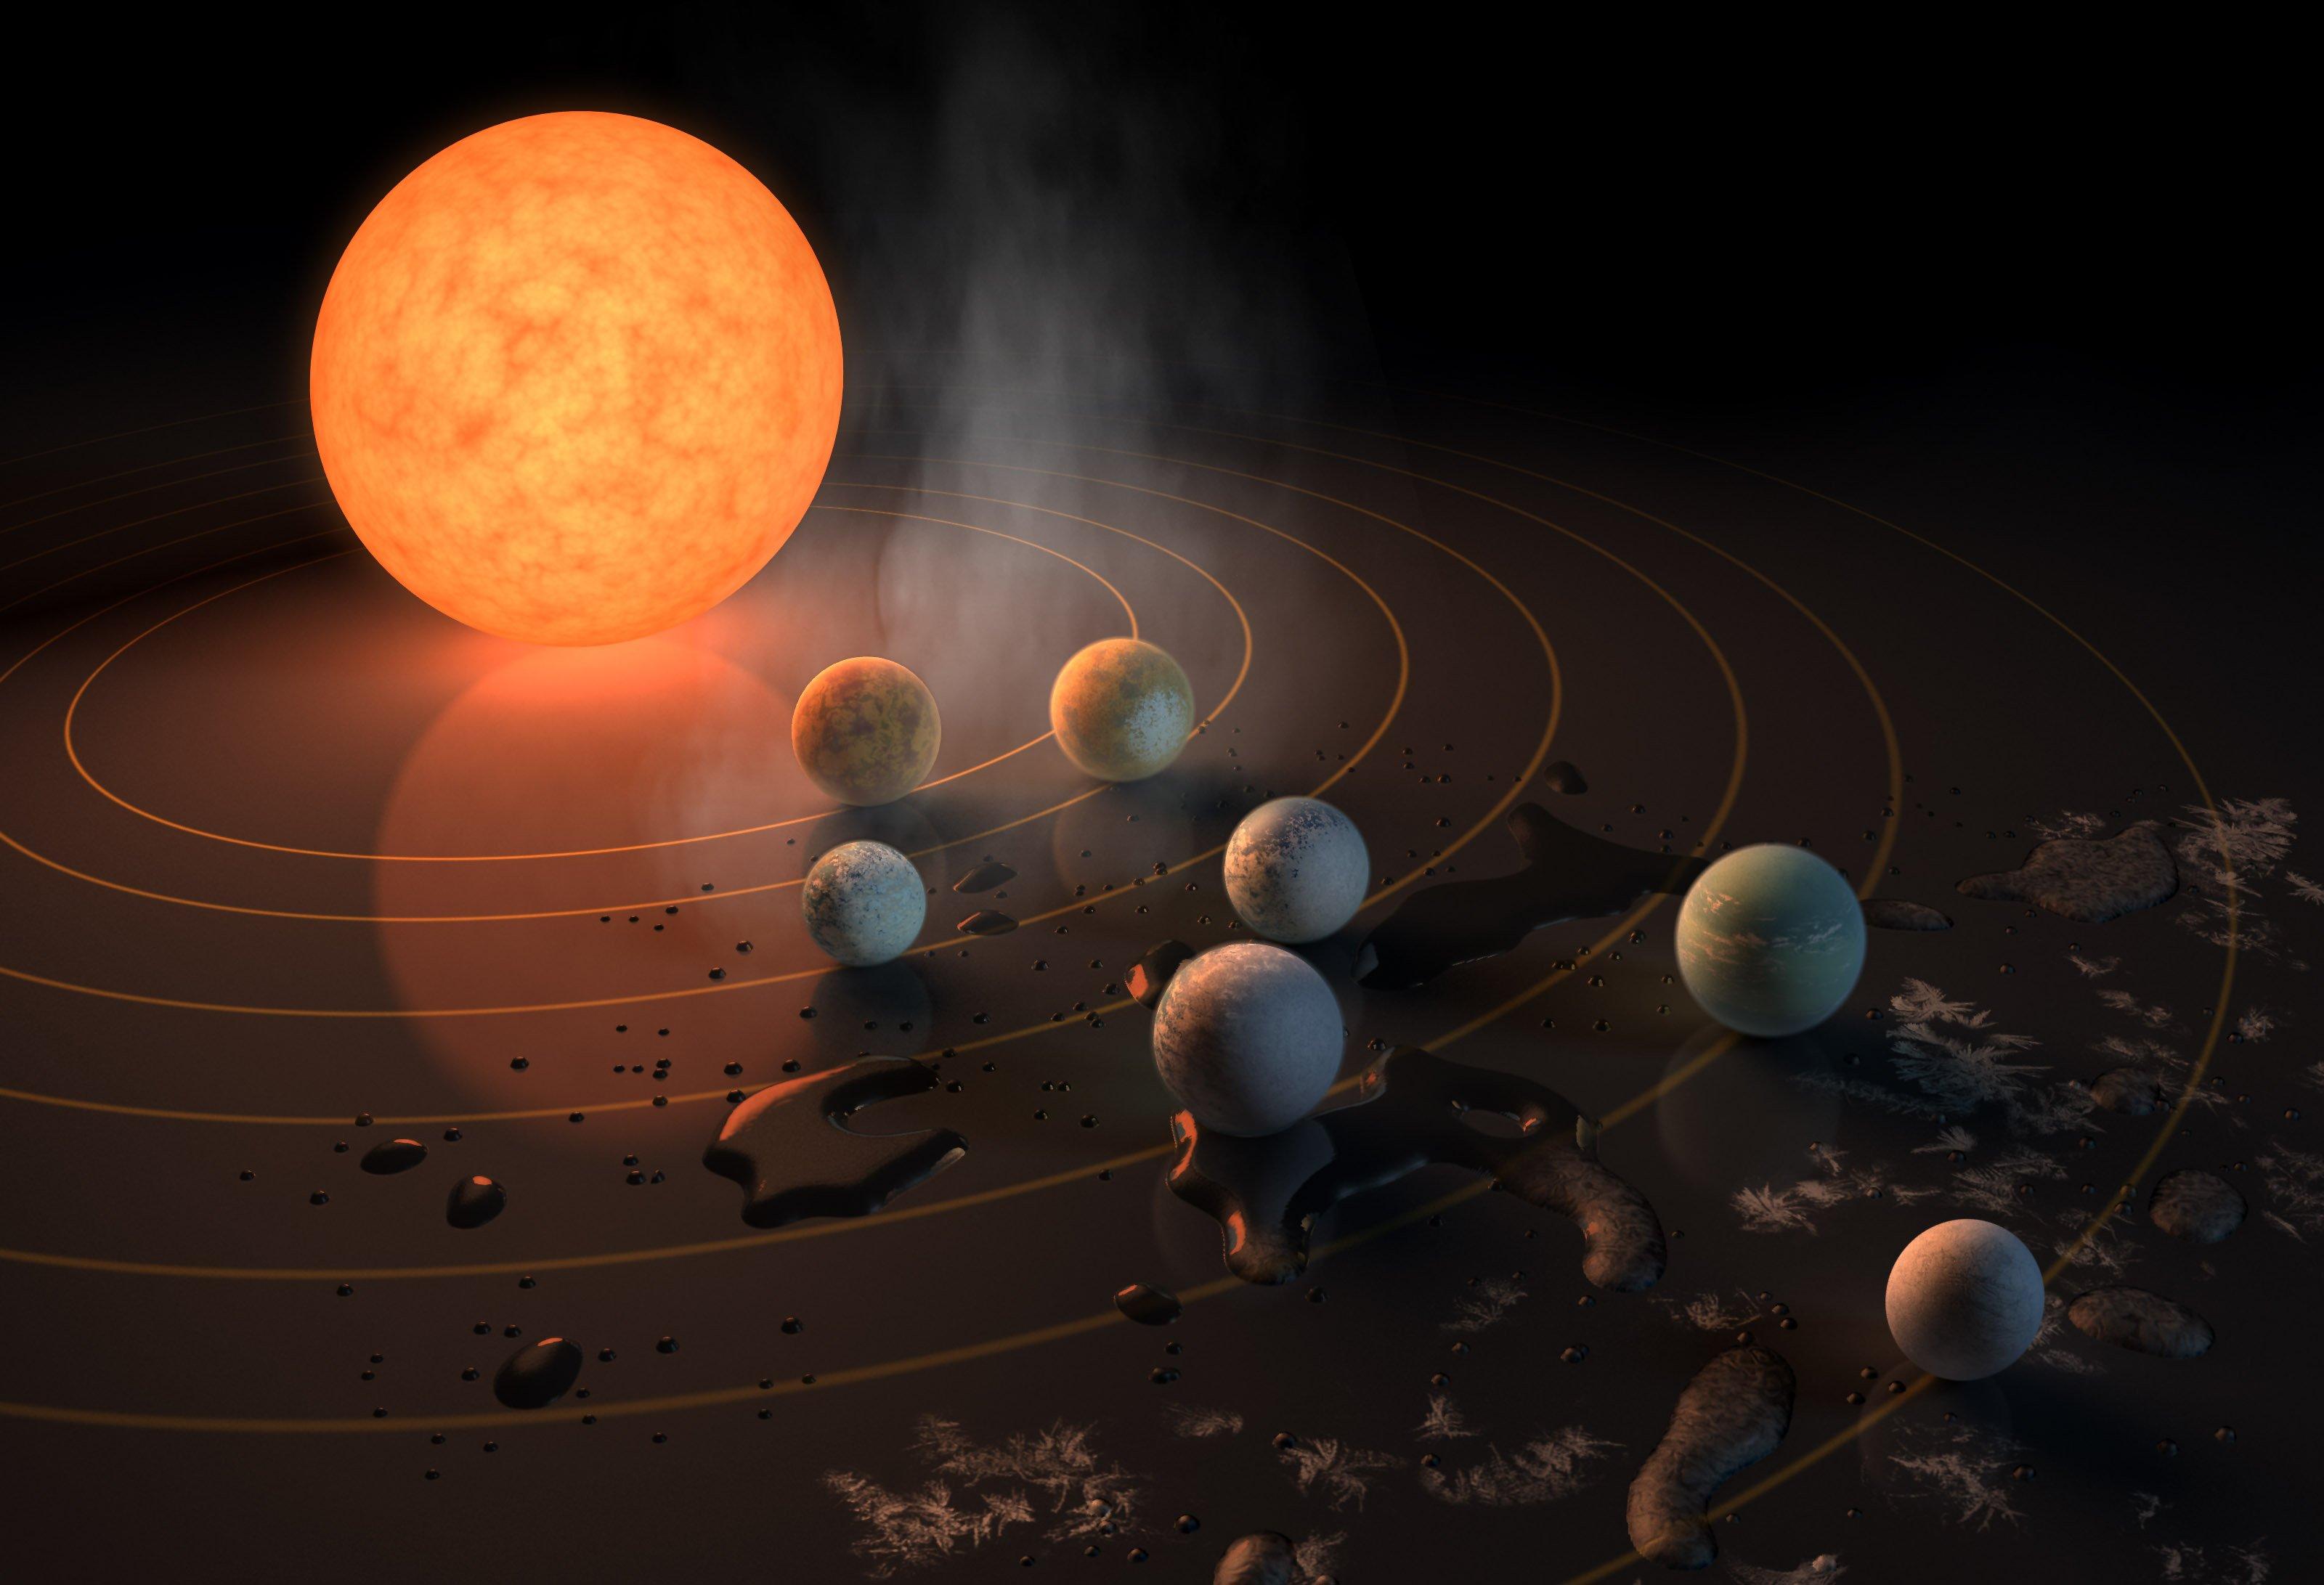 2017 წელს აღმოჩენილი ყველაზე საინტერესო და უცნაური უცხო პლანეტები